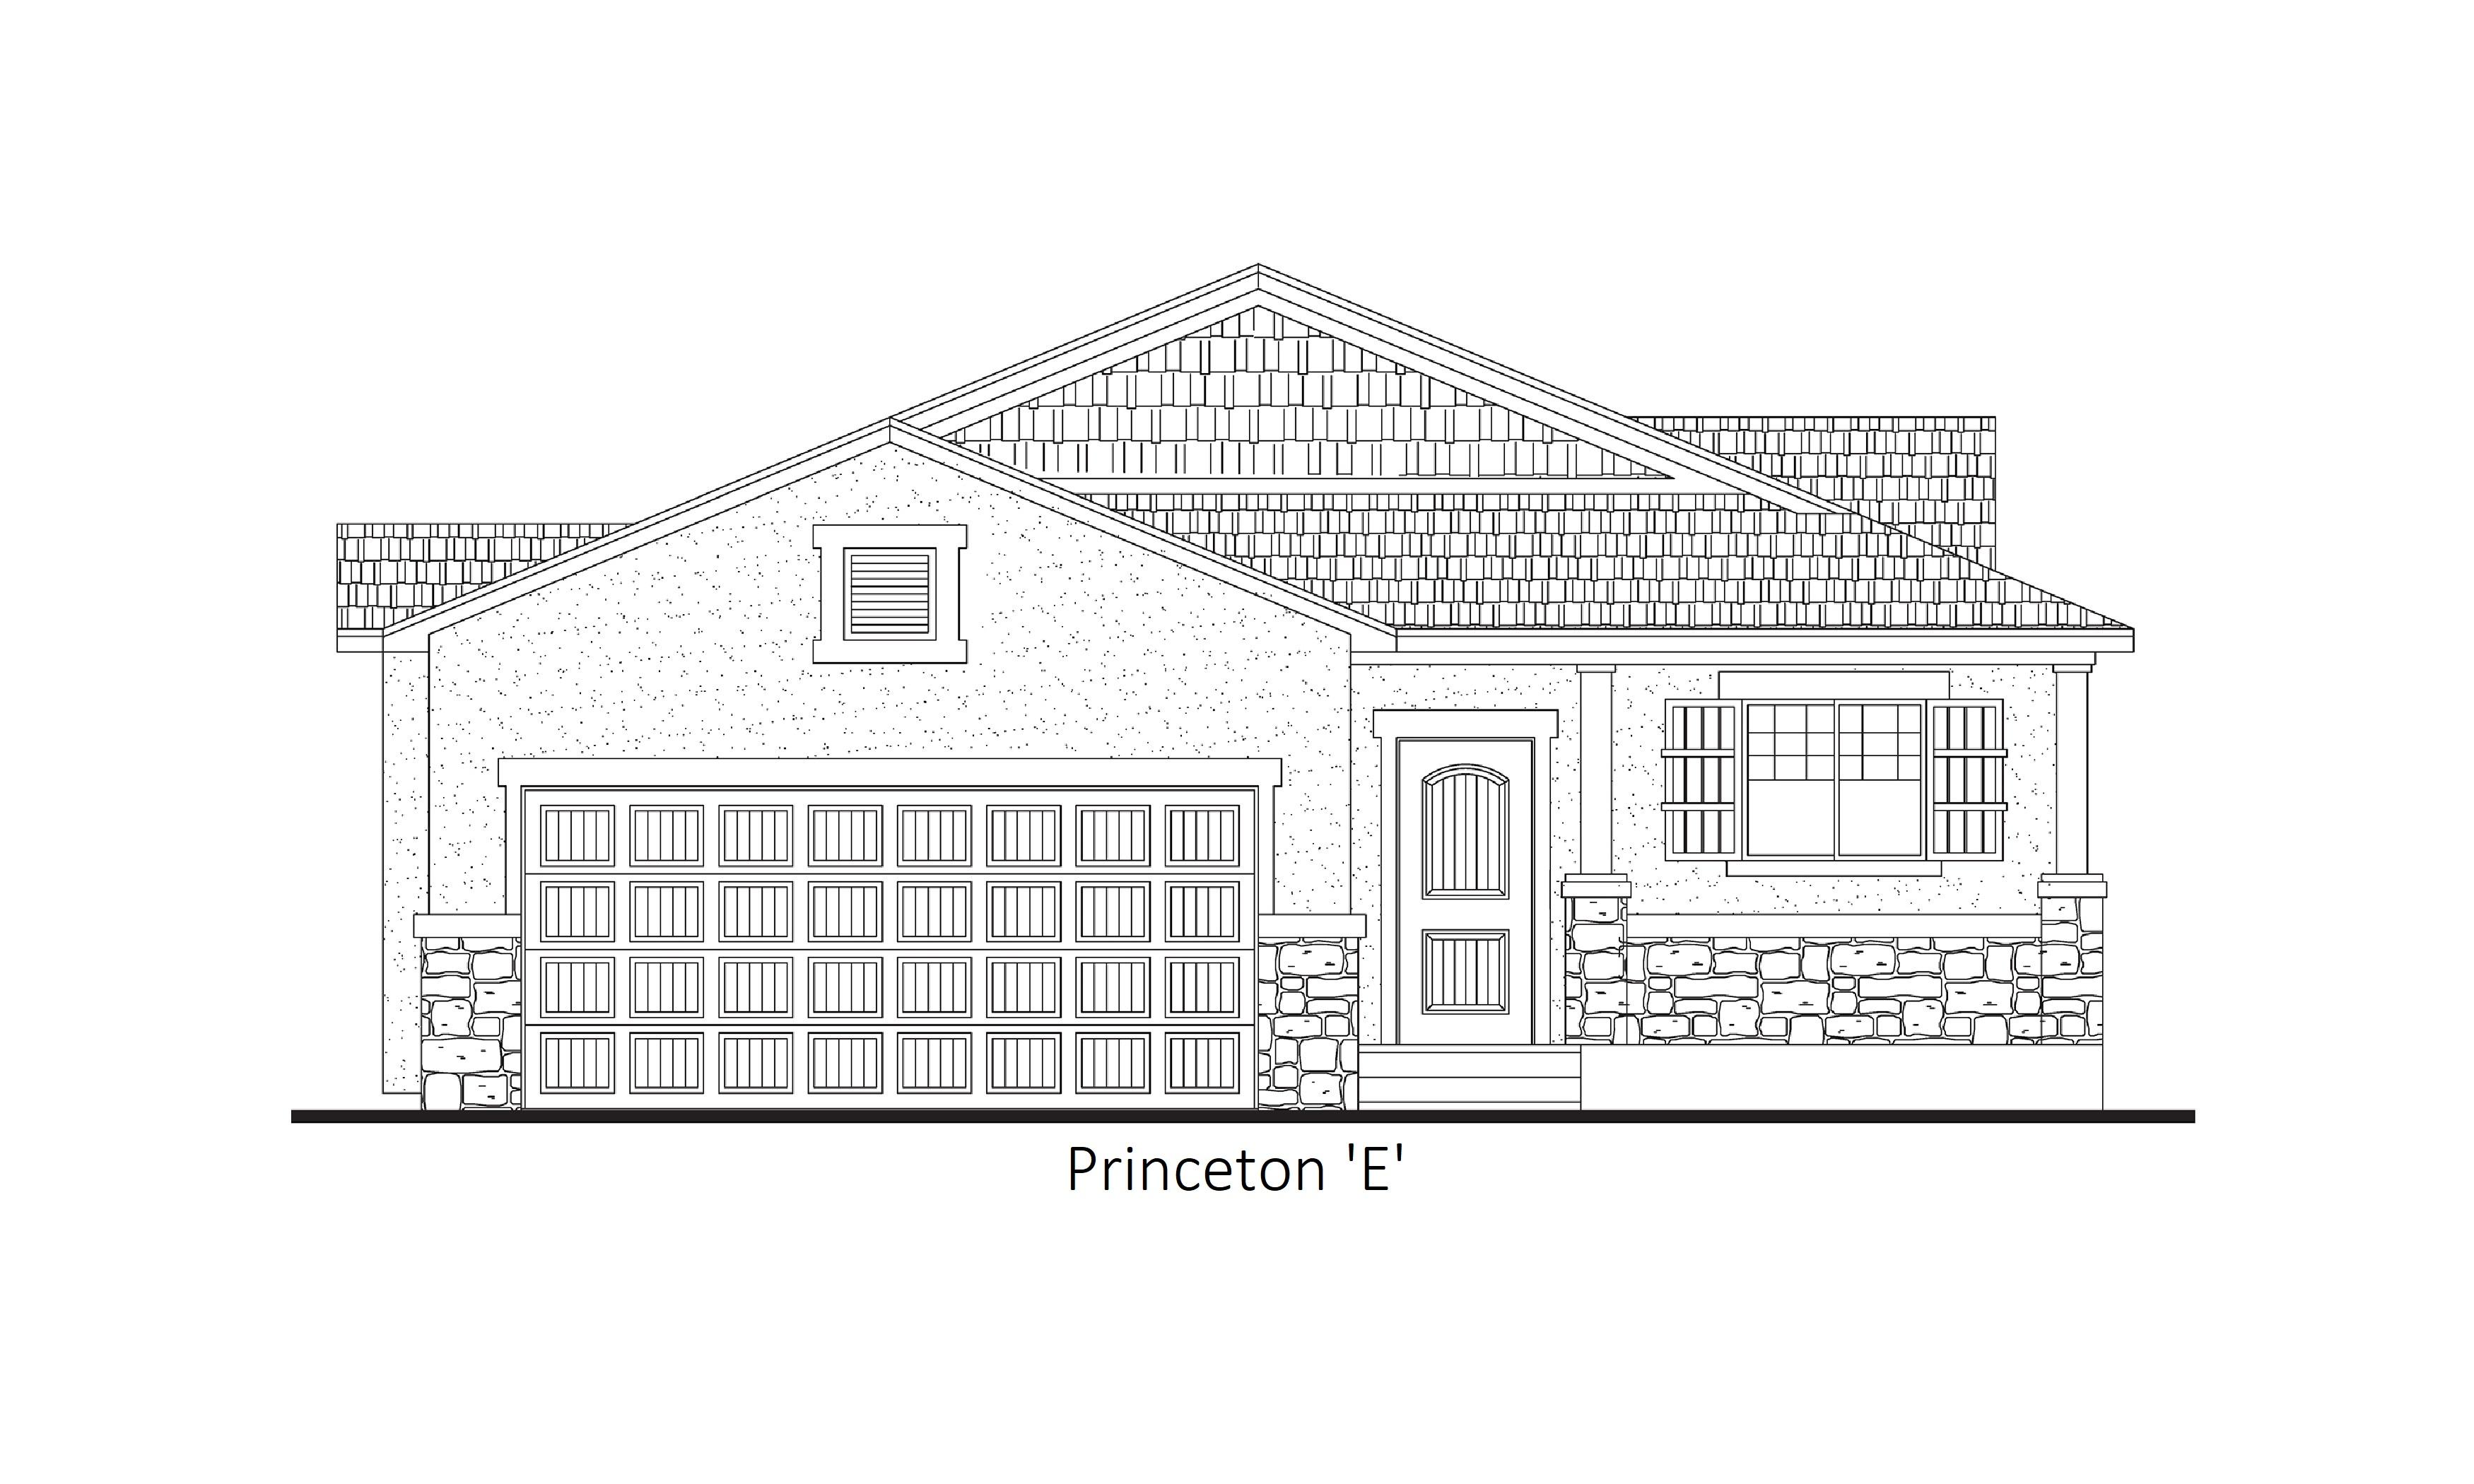 194 Princeton E